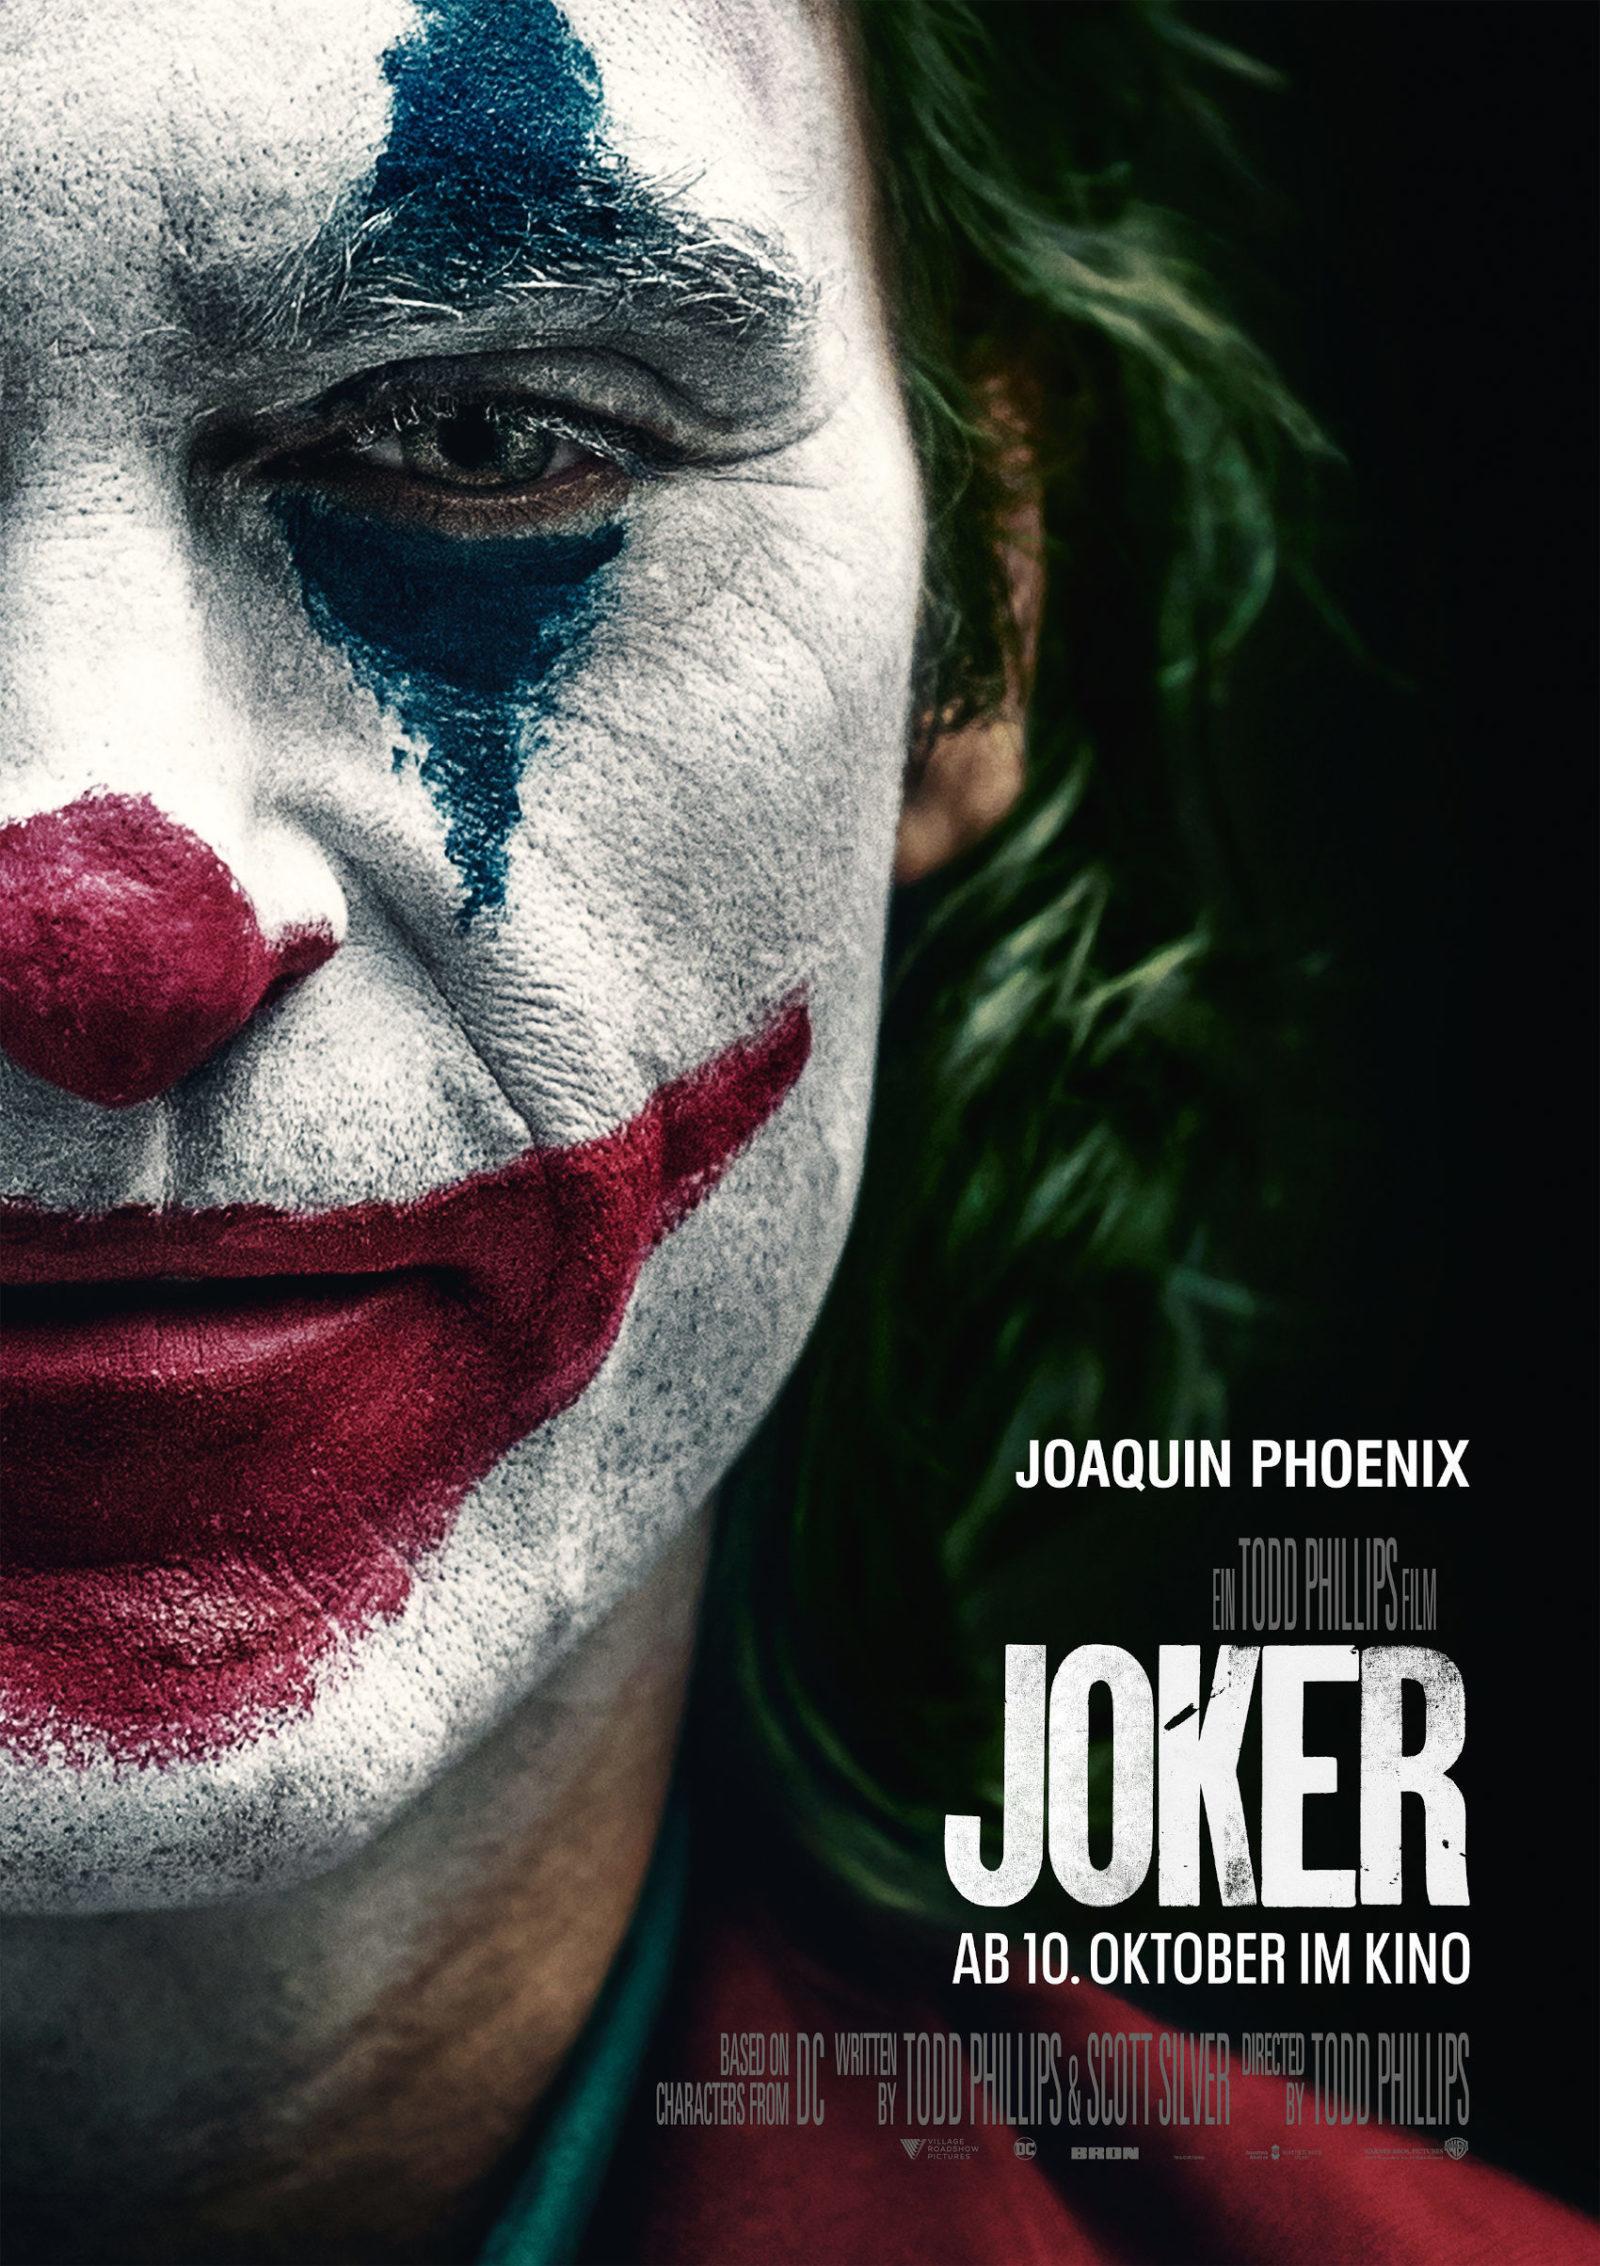 JKR_Artwork-Poster.indd